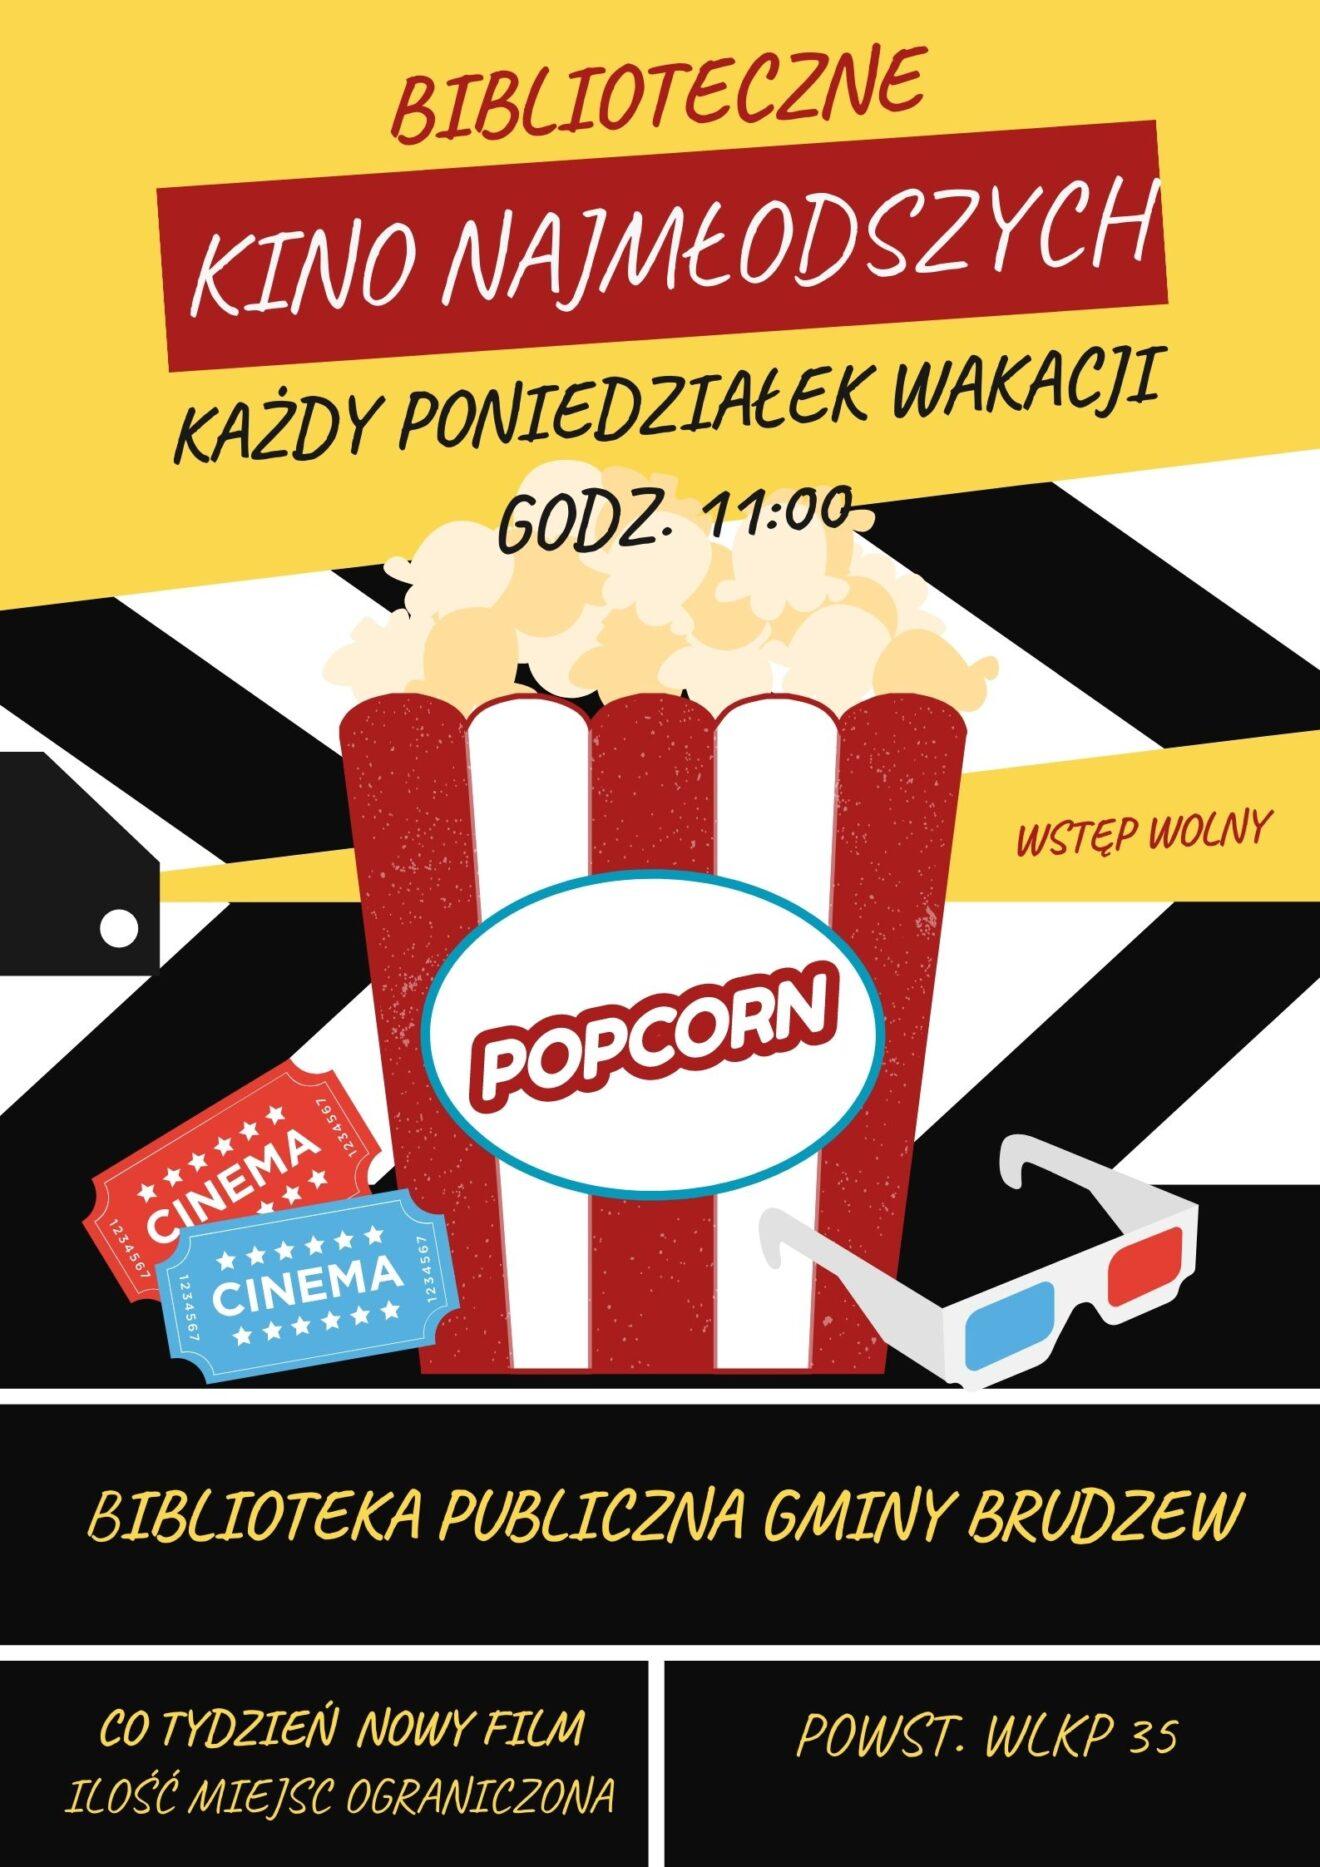 kolorowy plakat, na pierwszym planie kubełek z popcornem